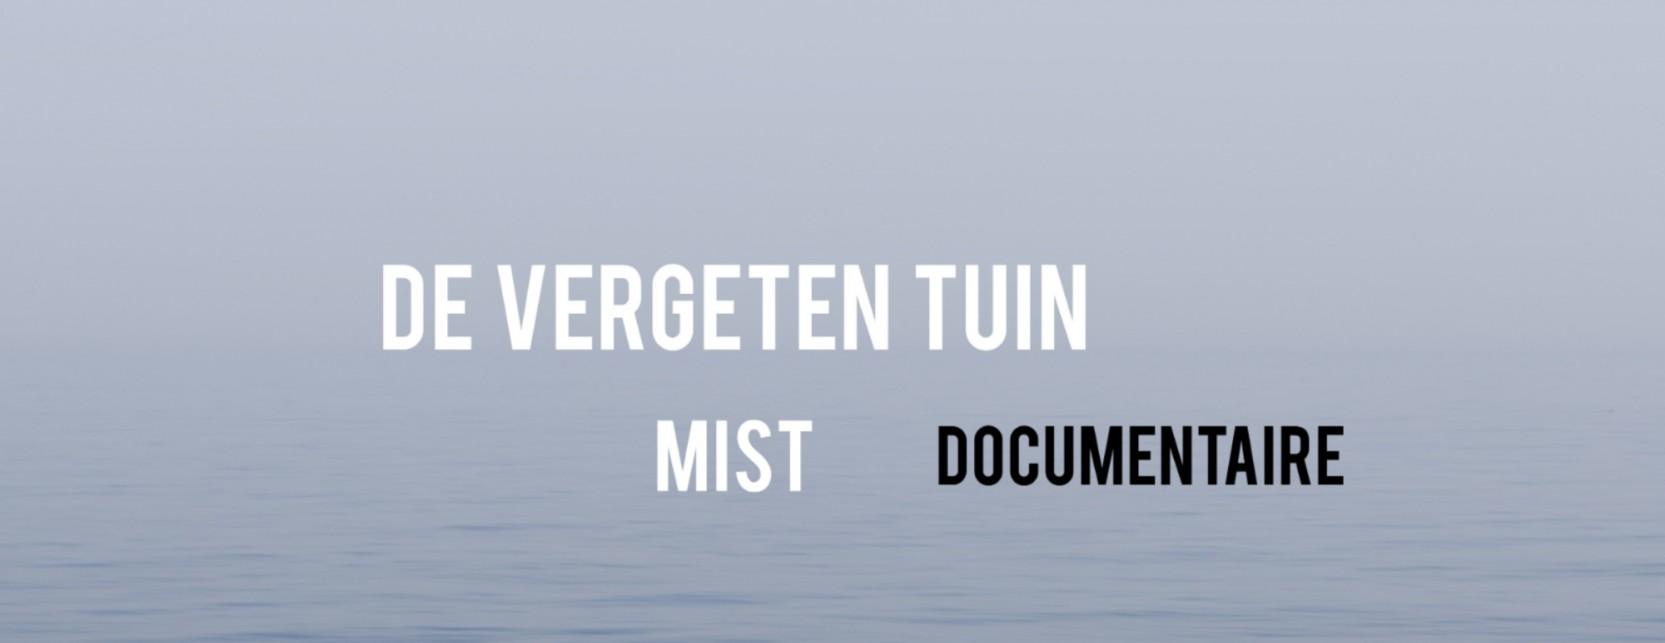 Documentaire MIST Elckerlyc Hilvarenbeek